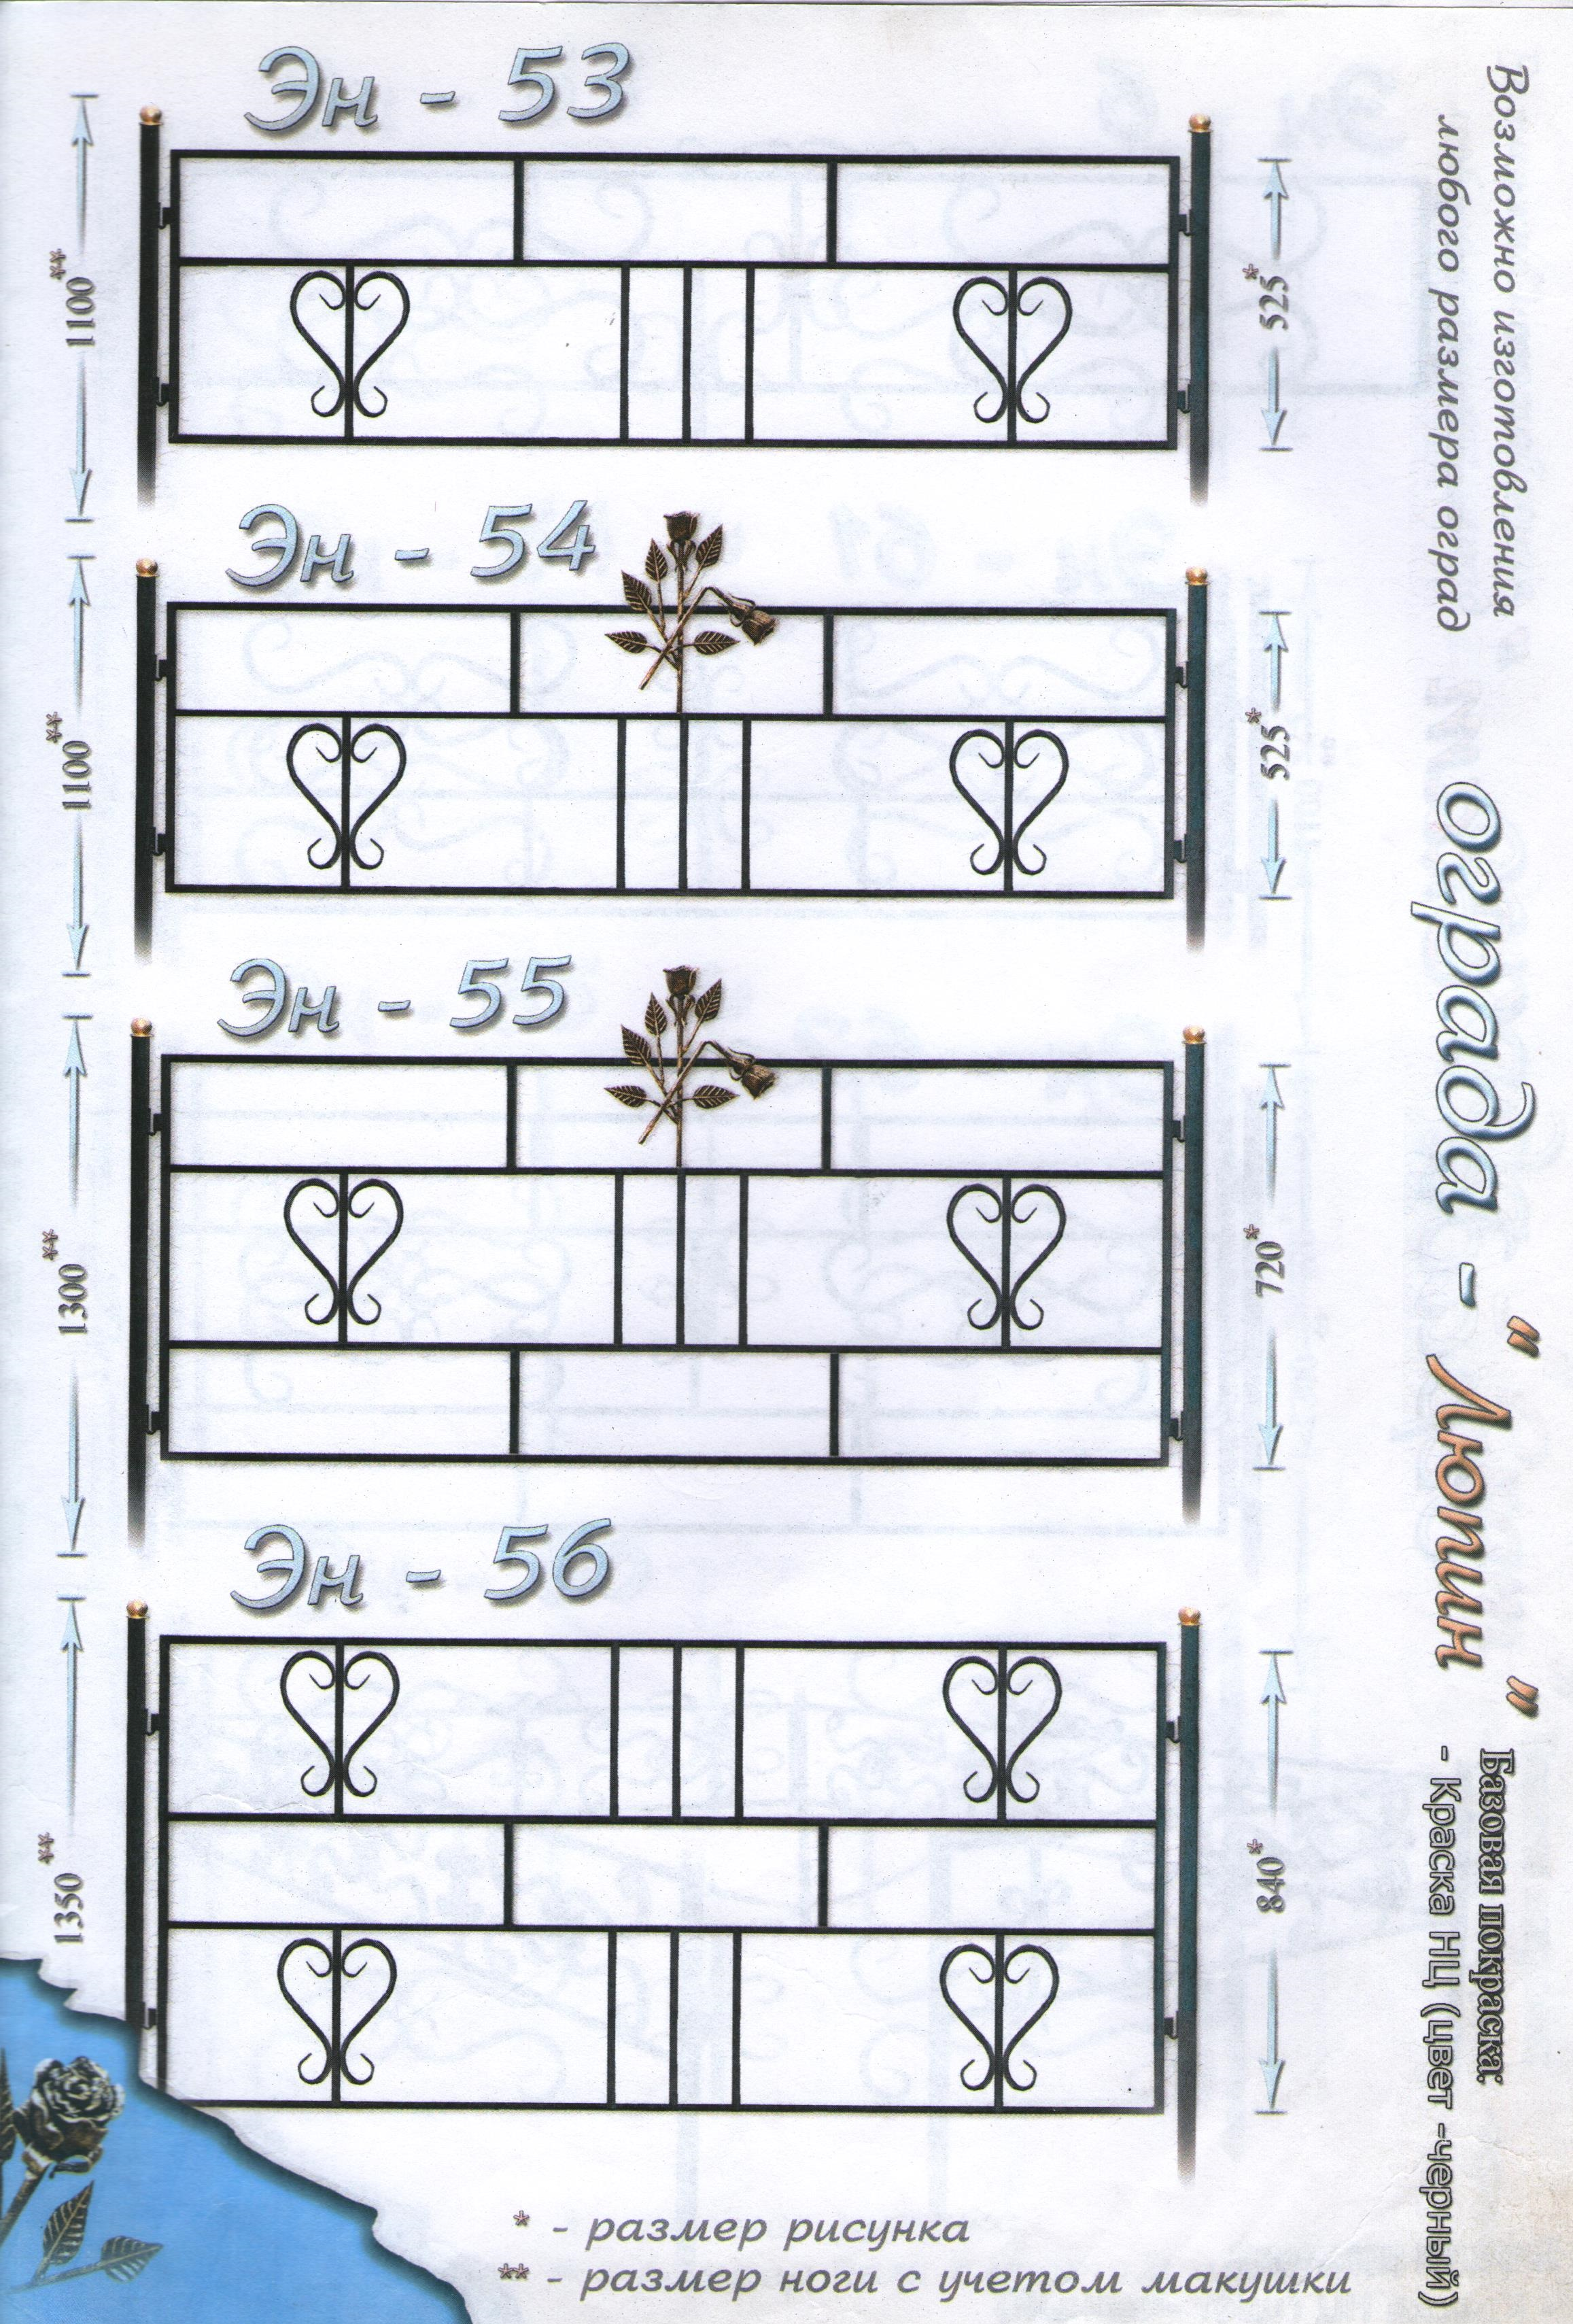 ограда 2019-03-11 036